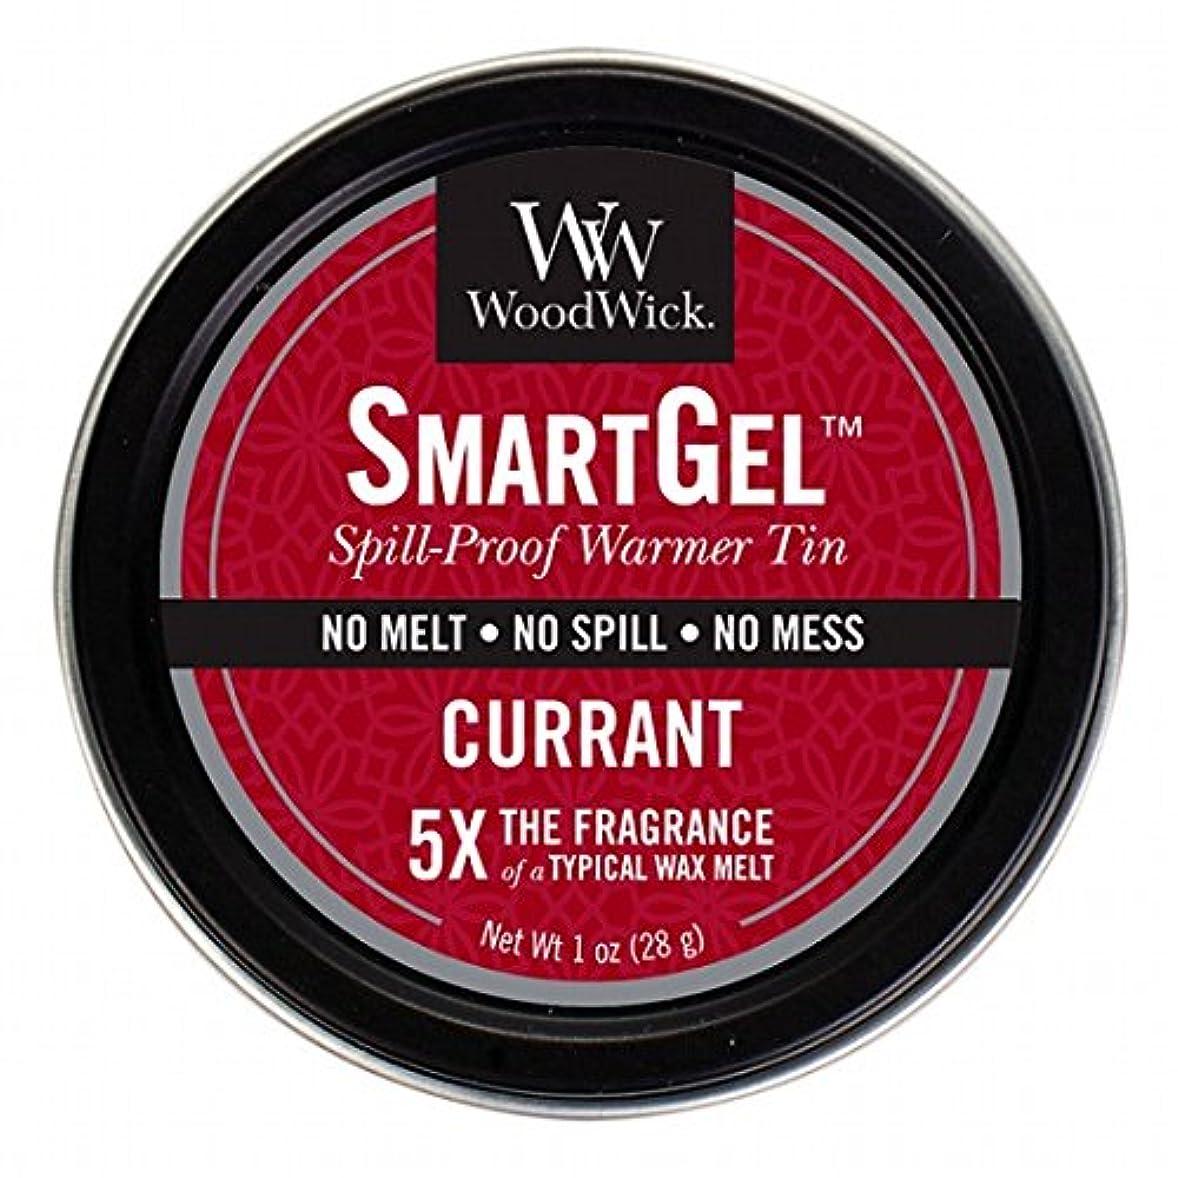 活力先例後方ウッドウィック( WoodWick ) Wood Wickスマートジェル 「 カラント 」W9630520